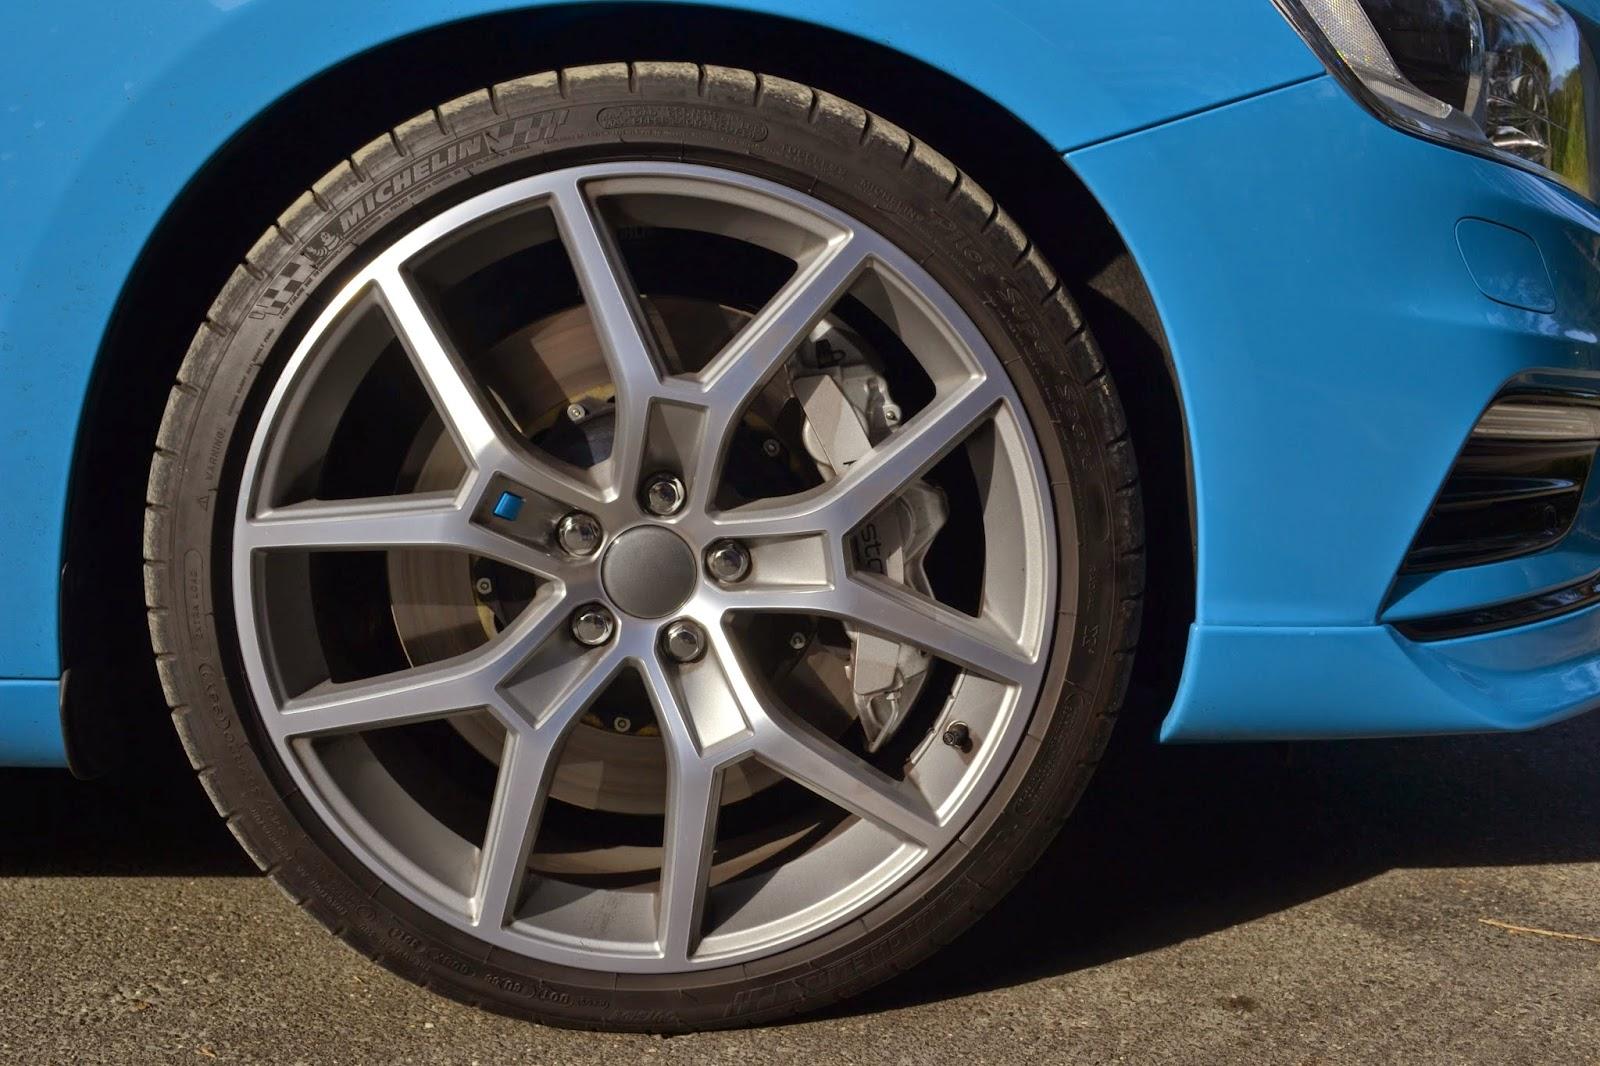 Michelin Pilot sport tyres on the Volvo v60 Polestar